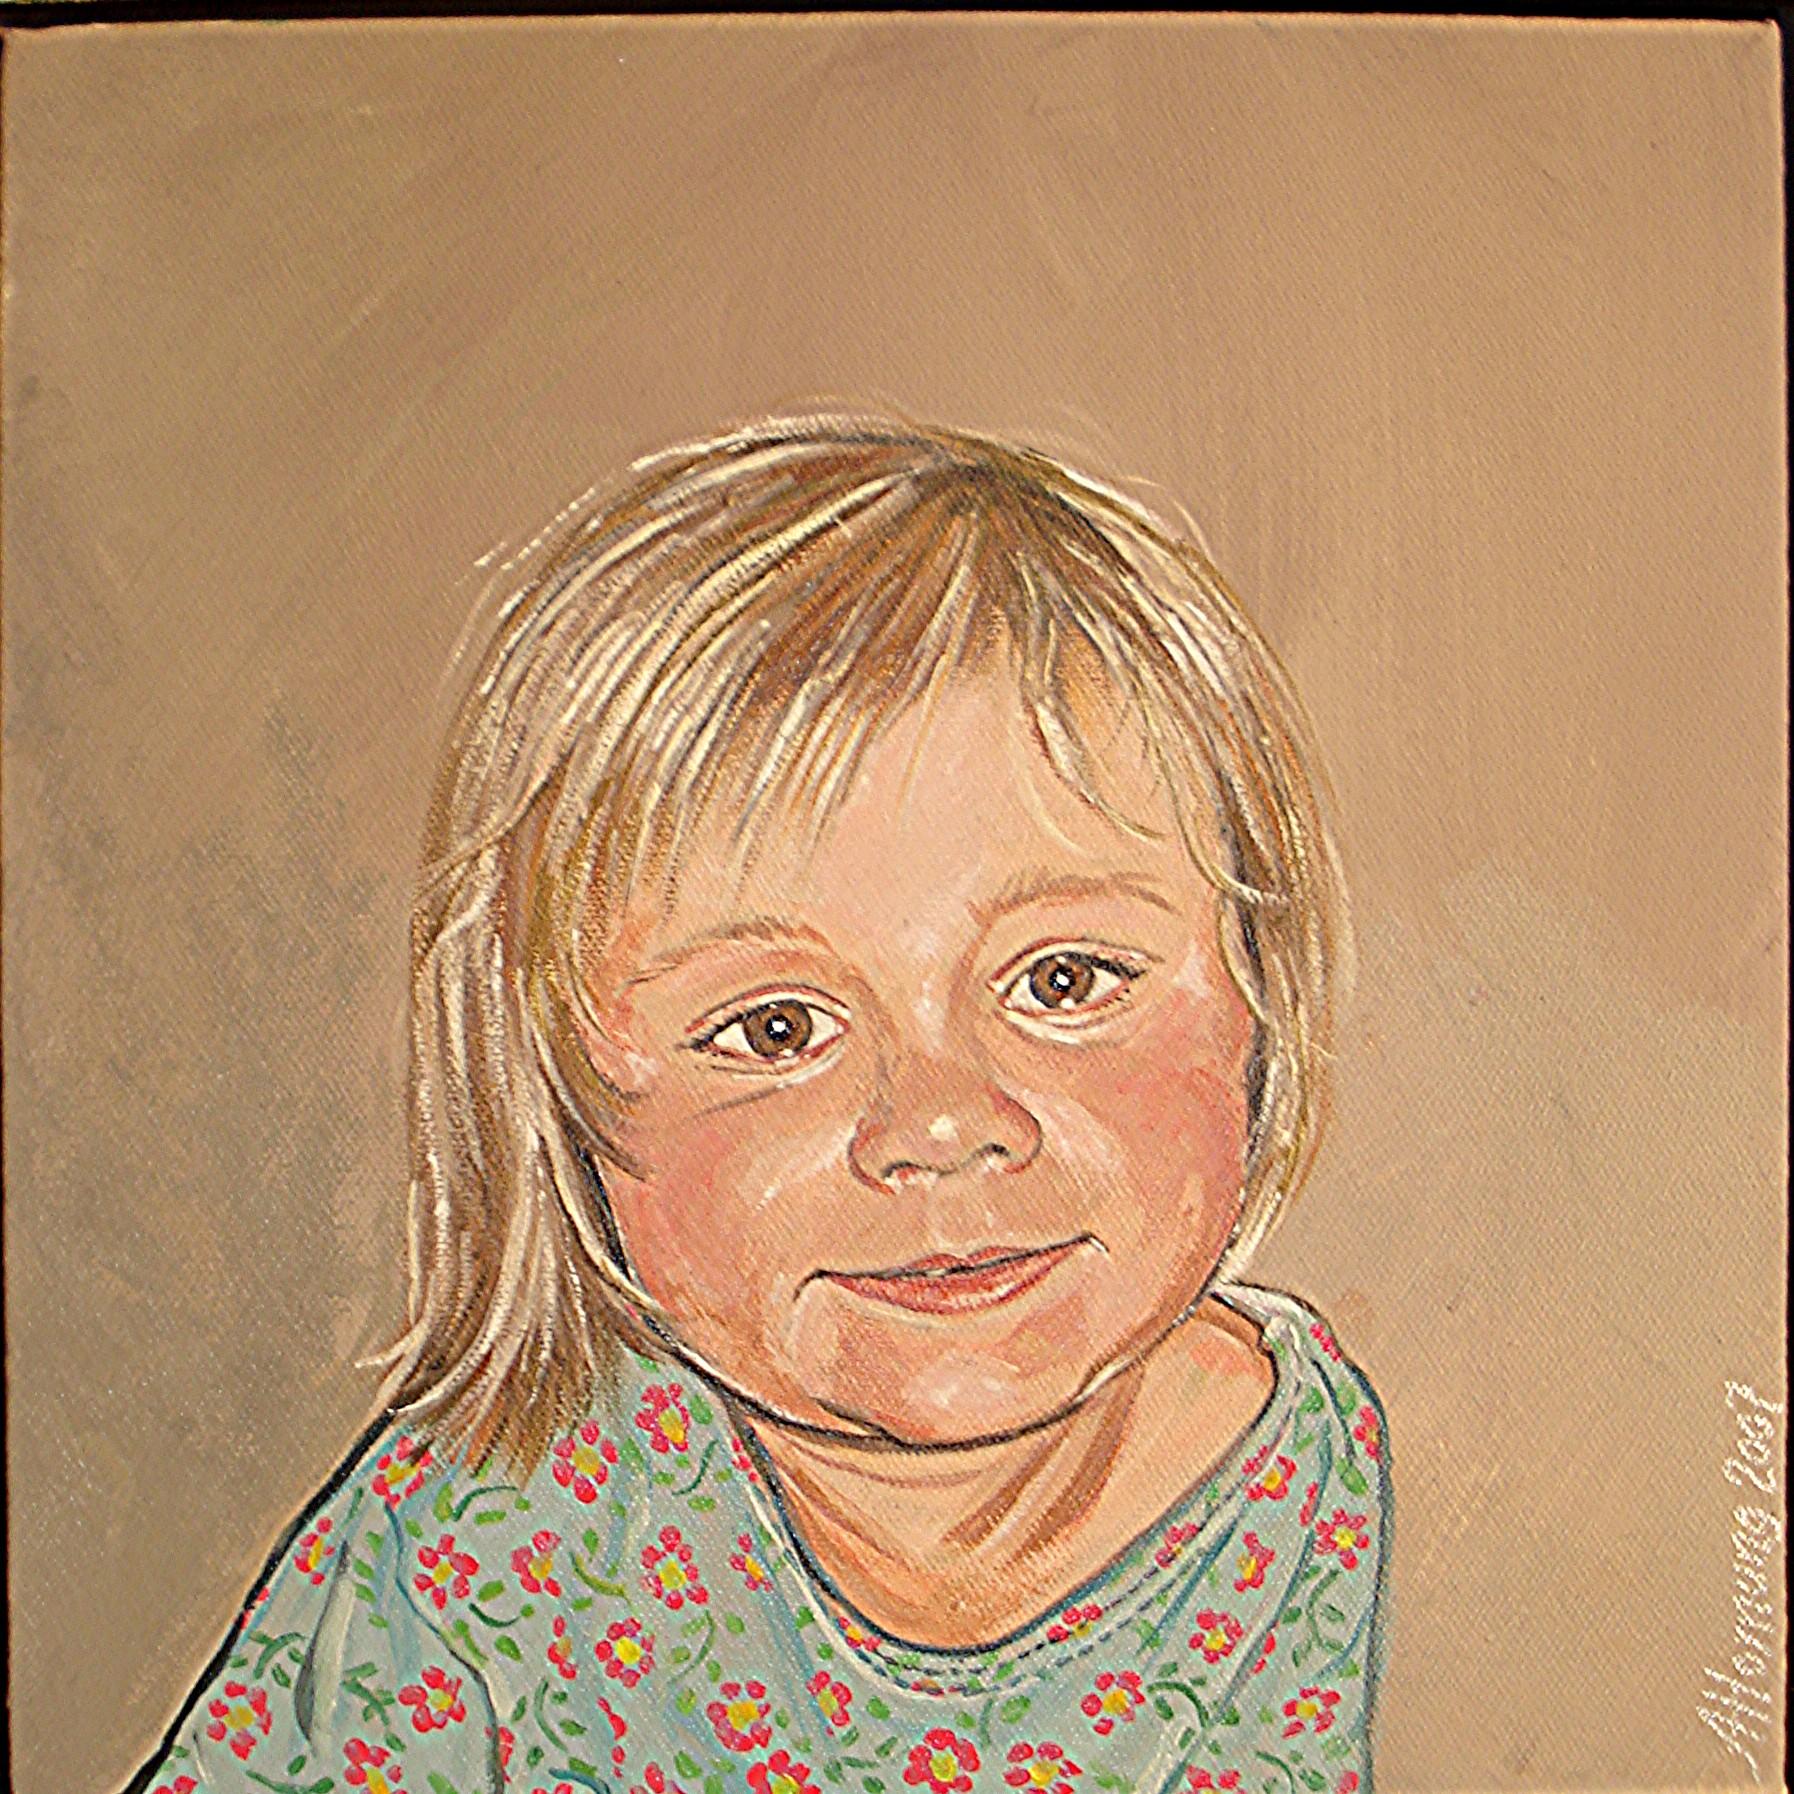 Portræt af Sigurds børn 4